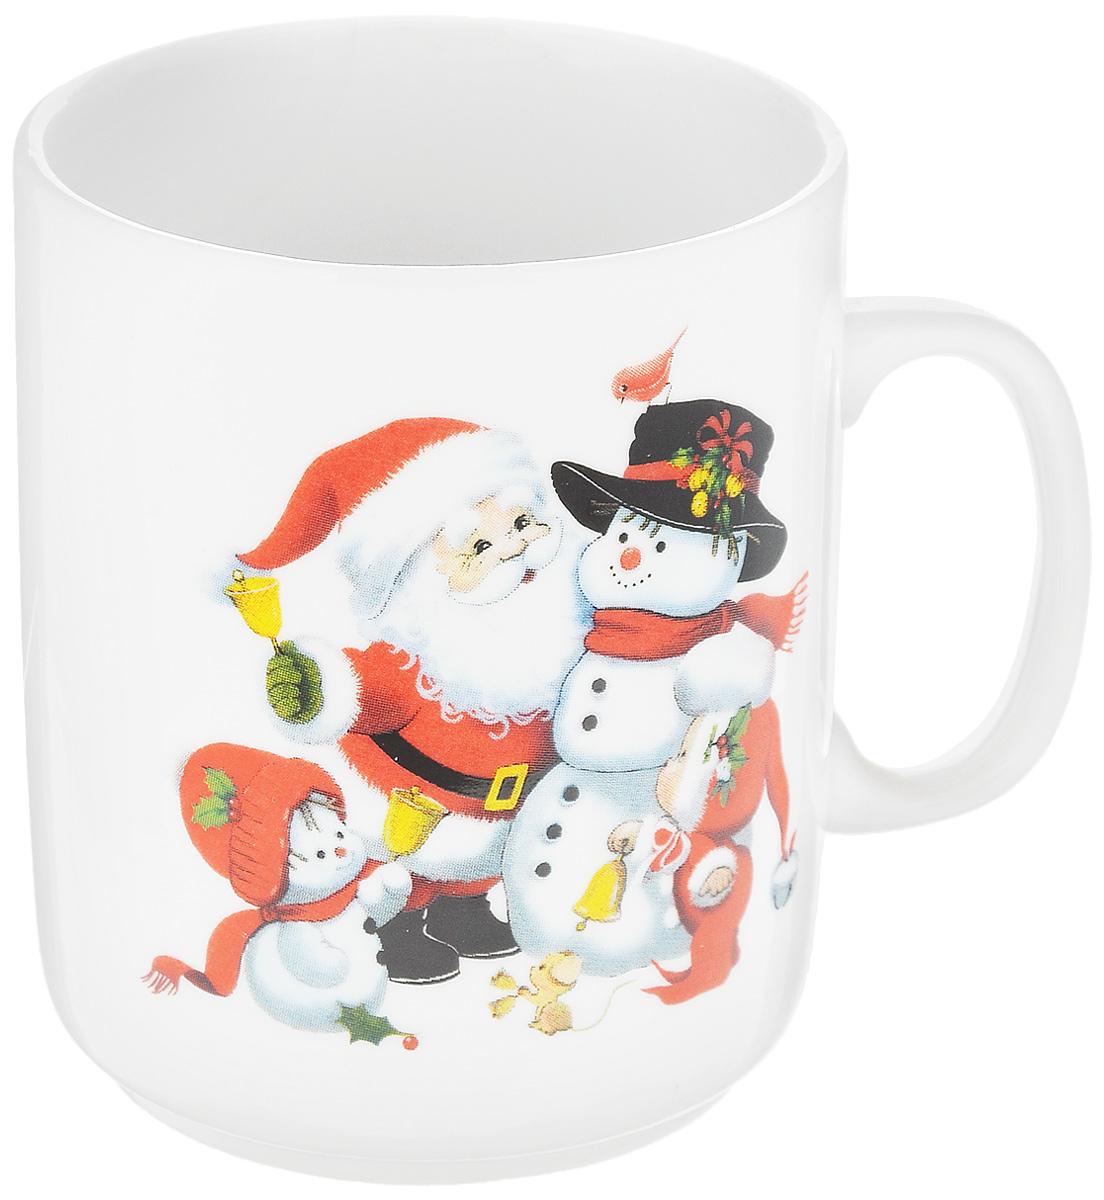 Кружка Фарфор Вербилок Дед Мороз, 300 мл5811980Кружка Фарфор Вербилок Дед Мороз способна скрасить любое чаепитие. Изделие выполнено из высококачественного фарфора. Посуда из такого материала позволяет сохранить истинный вкус напитка, а также помогает ему дольше оставаться теплым.Диаметр по верхнему краю: 7,5 см.Высота кружки: 10 см.